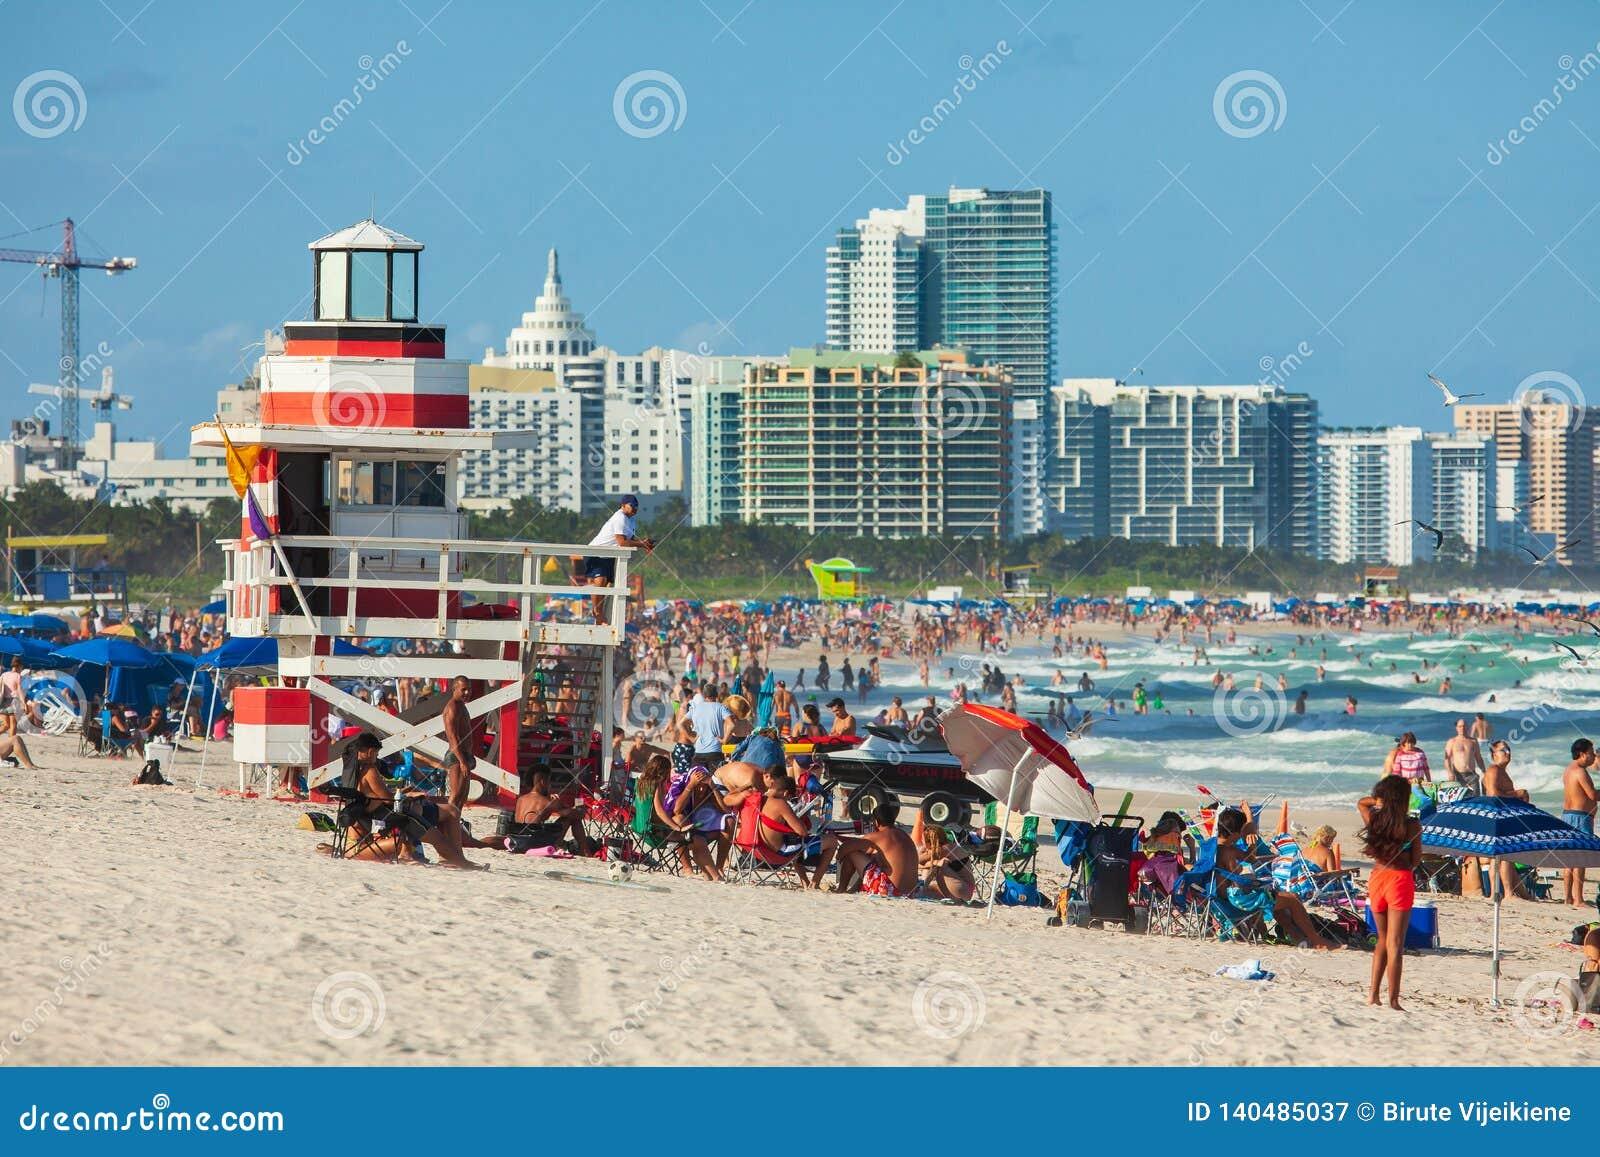 Spiaggia del sud in Miami Beach, Florida, Stati Uniti